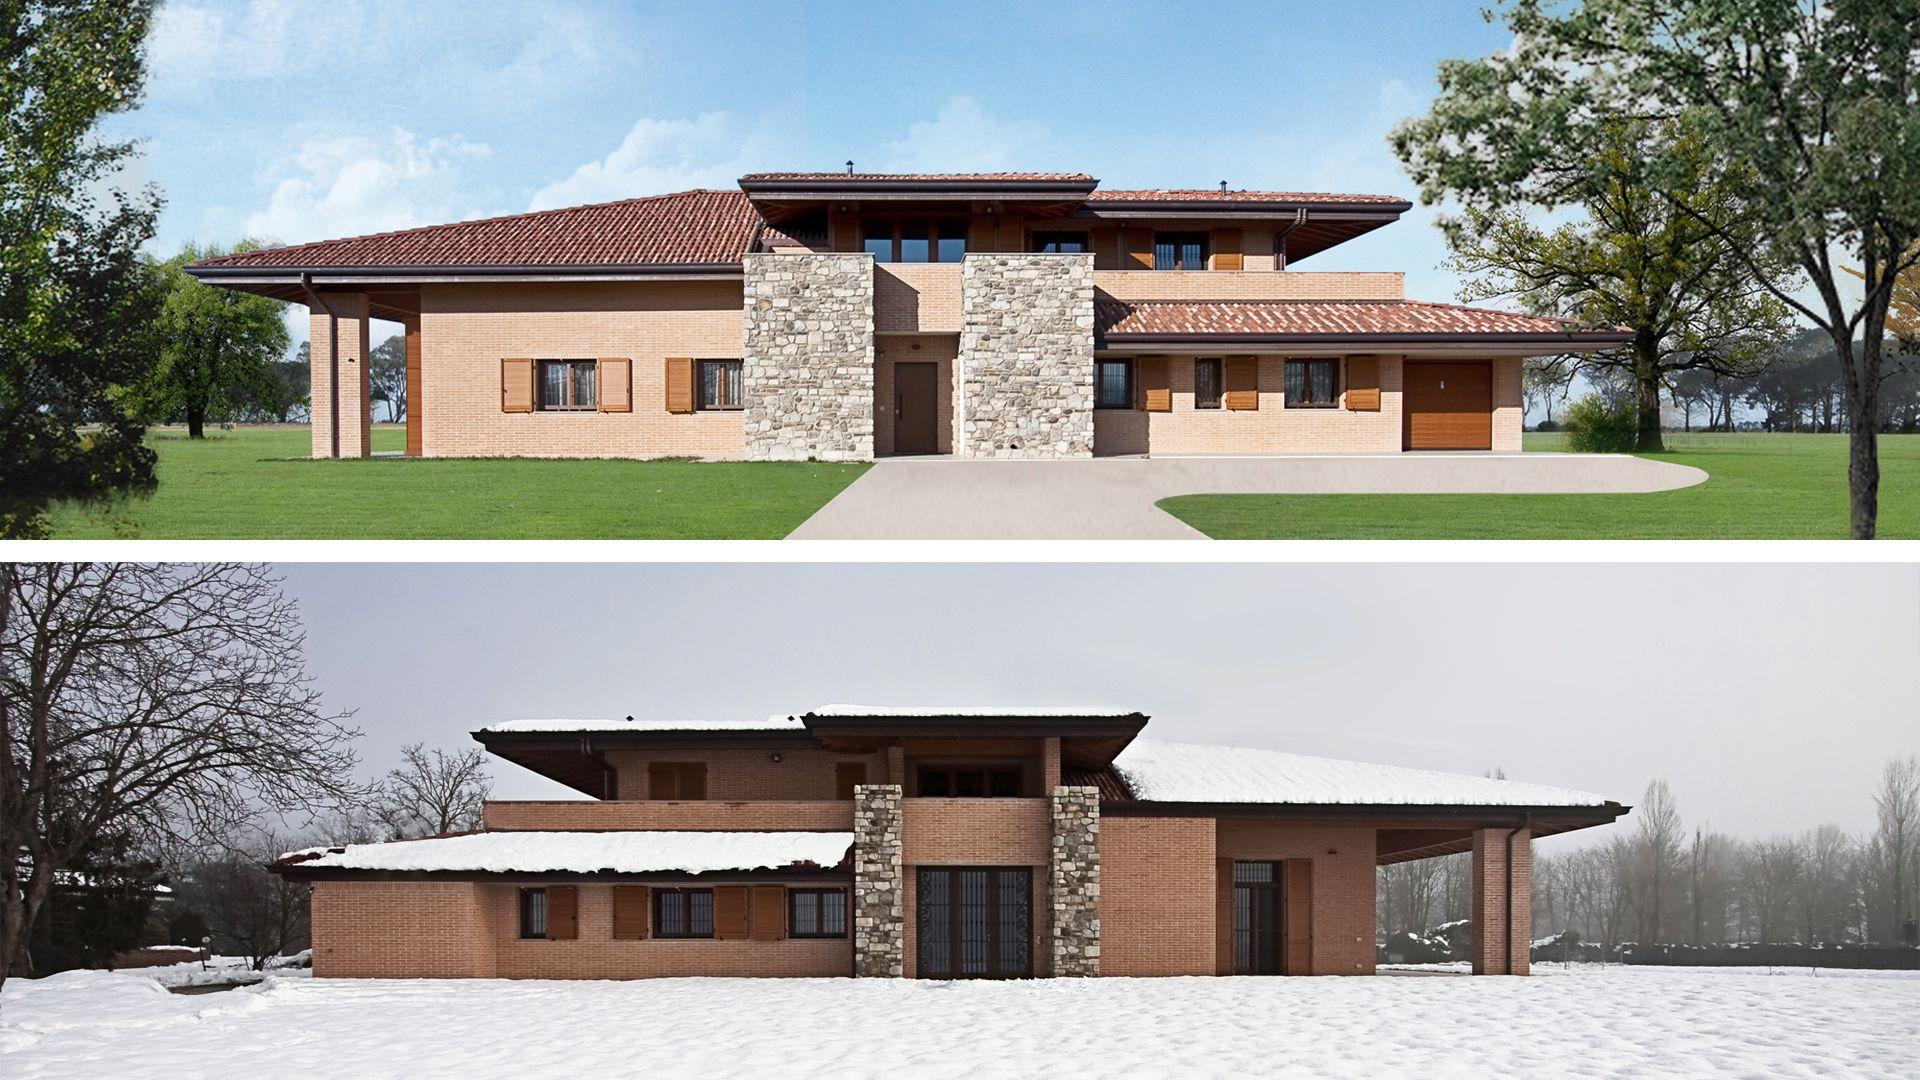 Ville di campagna progetti simple villa residenze di for Ville in campagna progetti